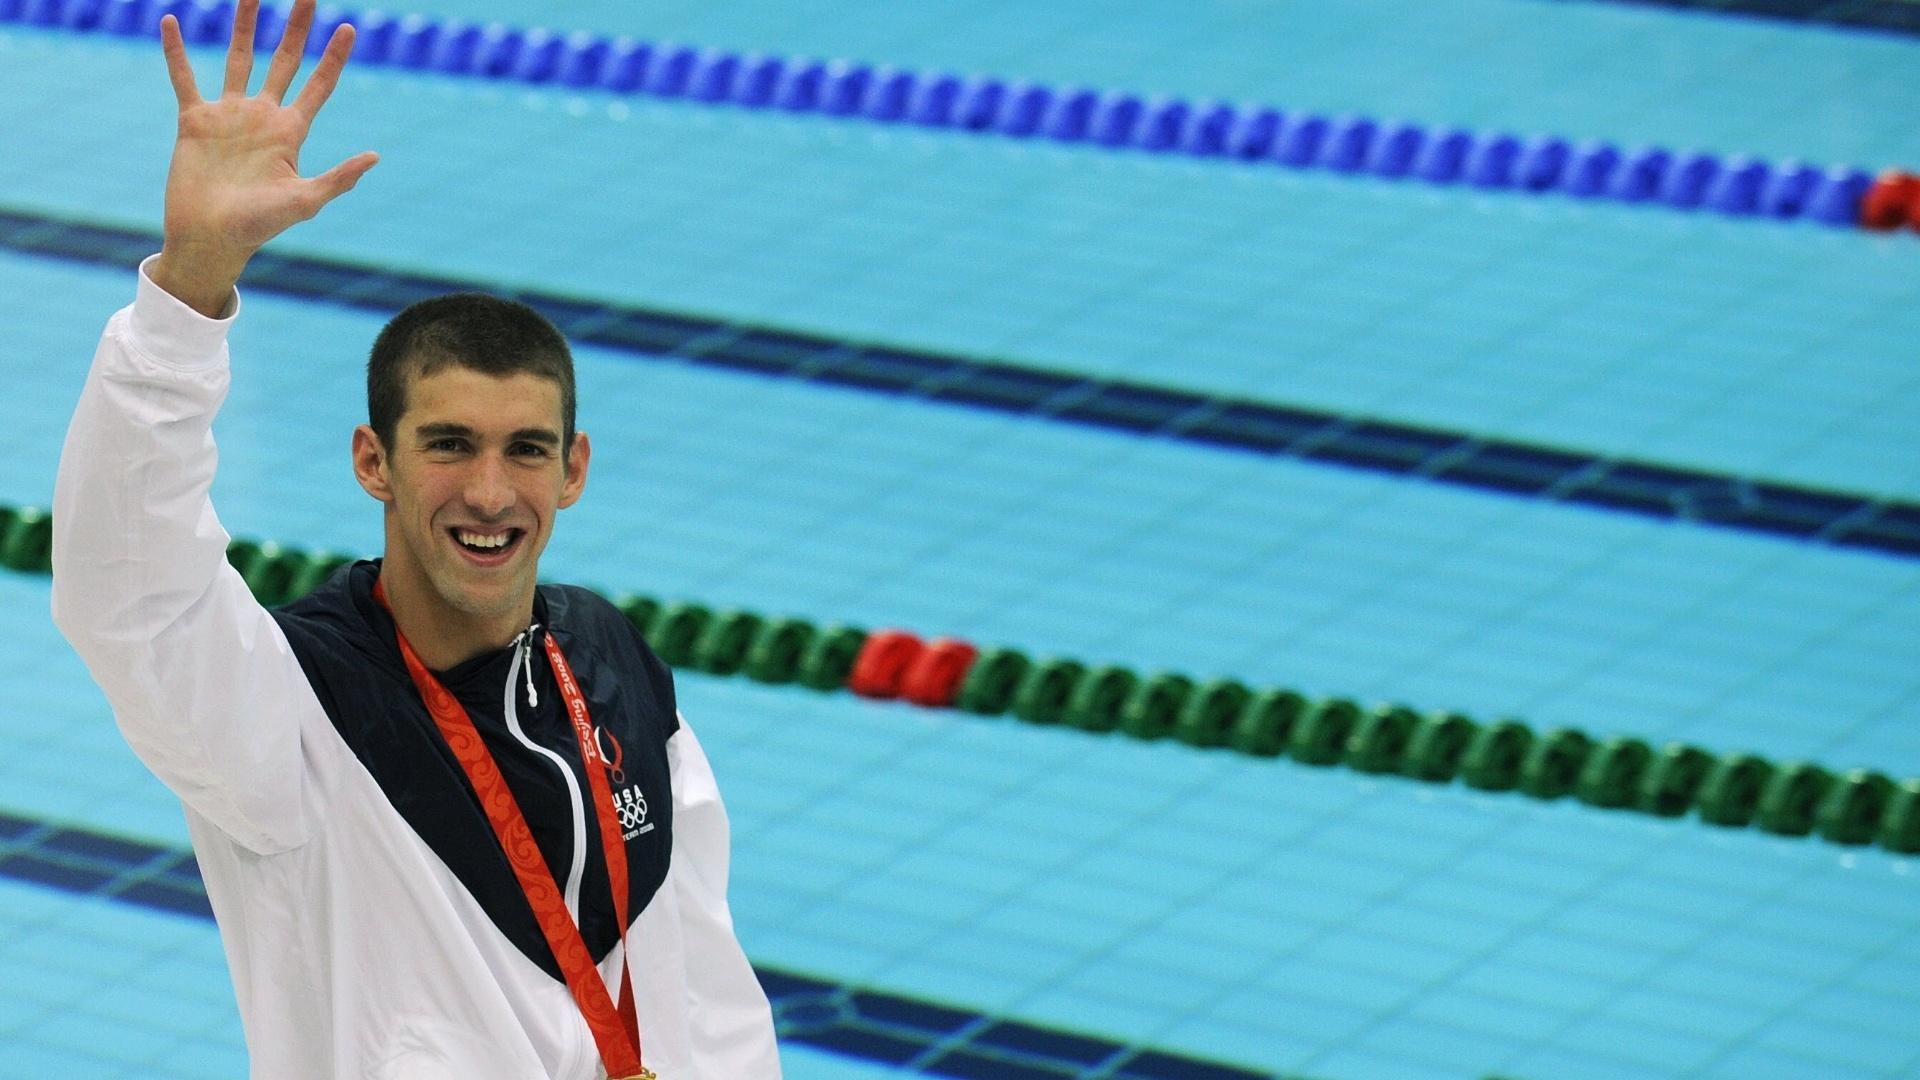 Michael Phelps comemora a conquista da medalha de ouro nos 100 m borboleta dos Jogos Olímpicos de Pequim-2008 (16/08/2008)